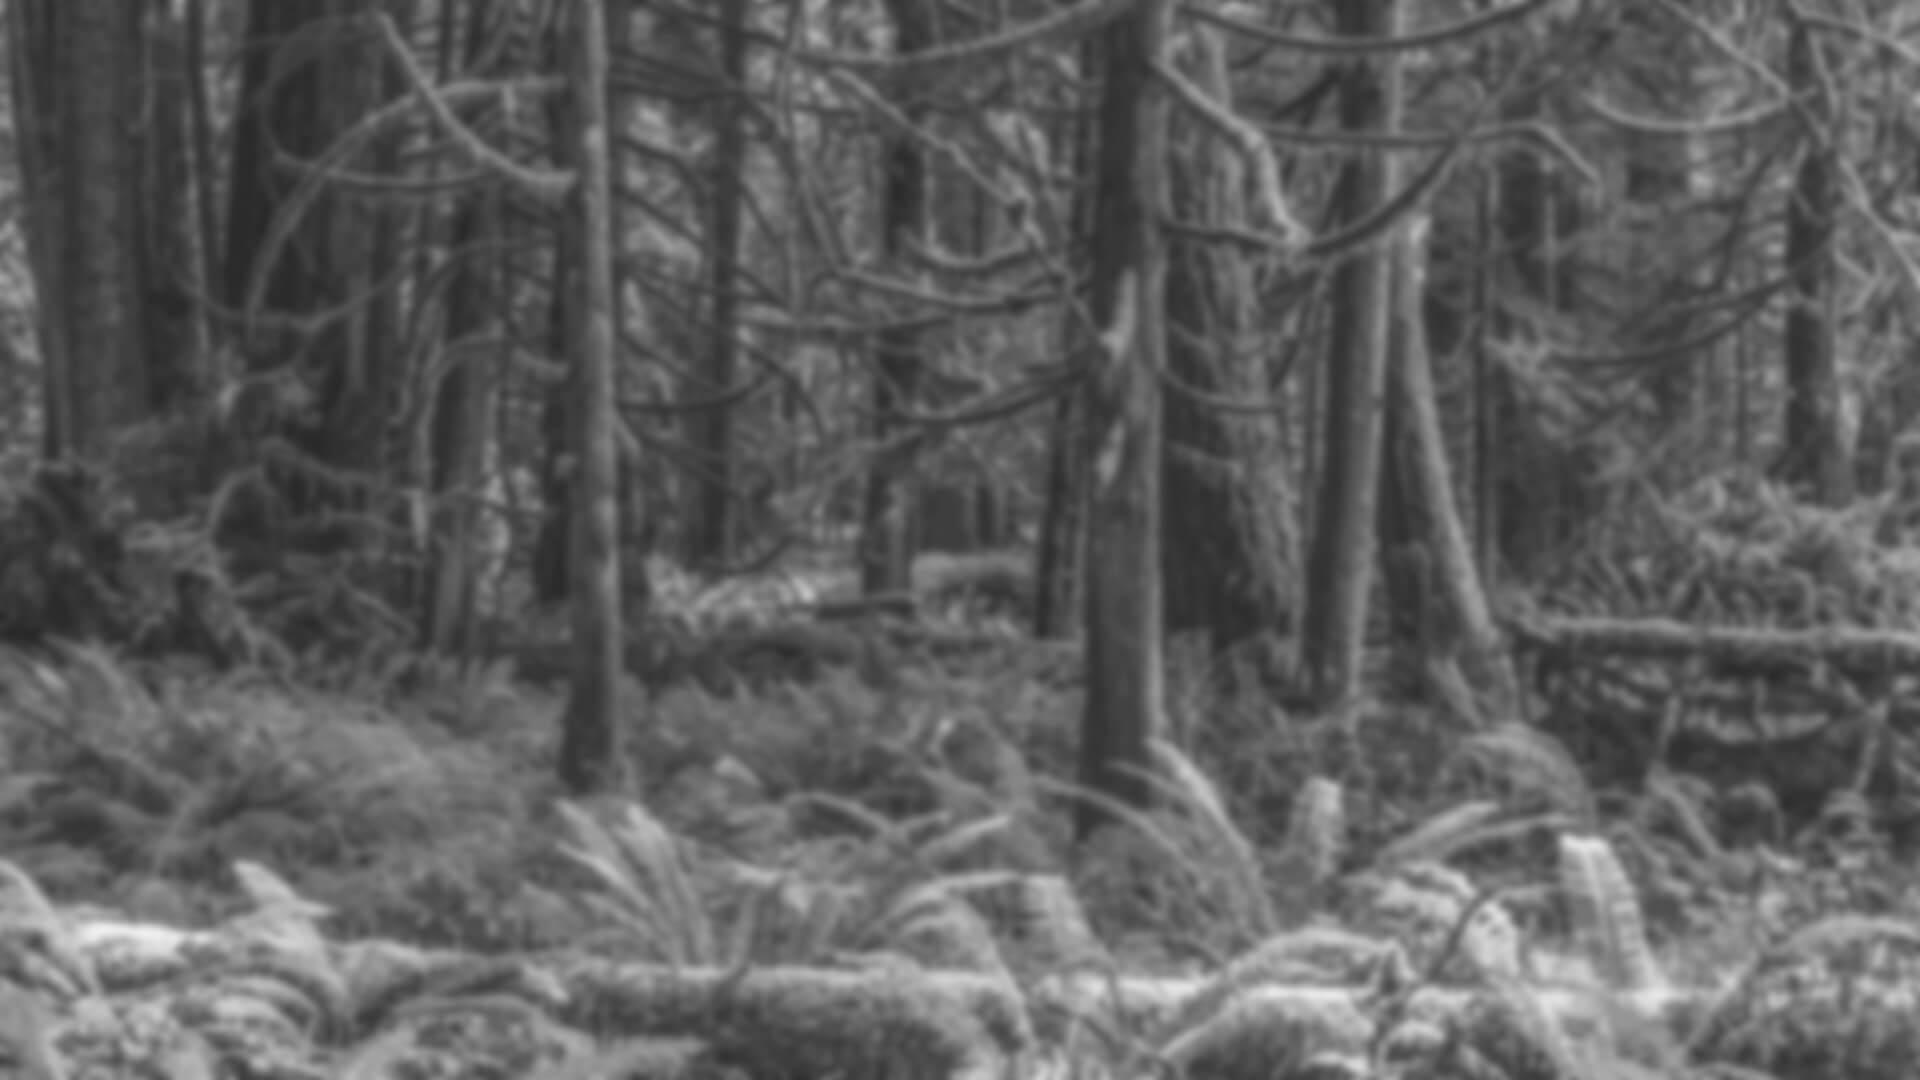 Mit Farn bewachsenes Waldstück